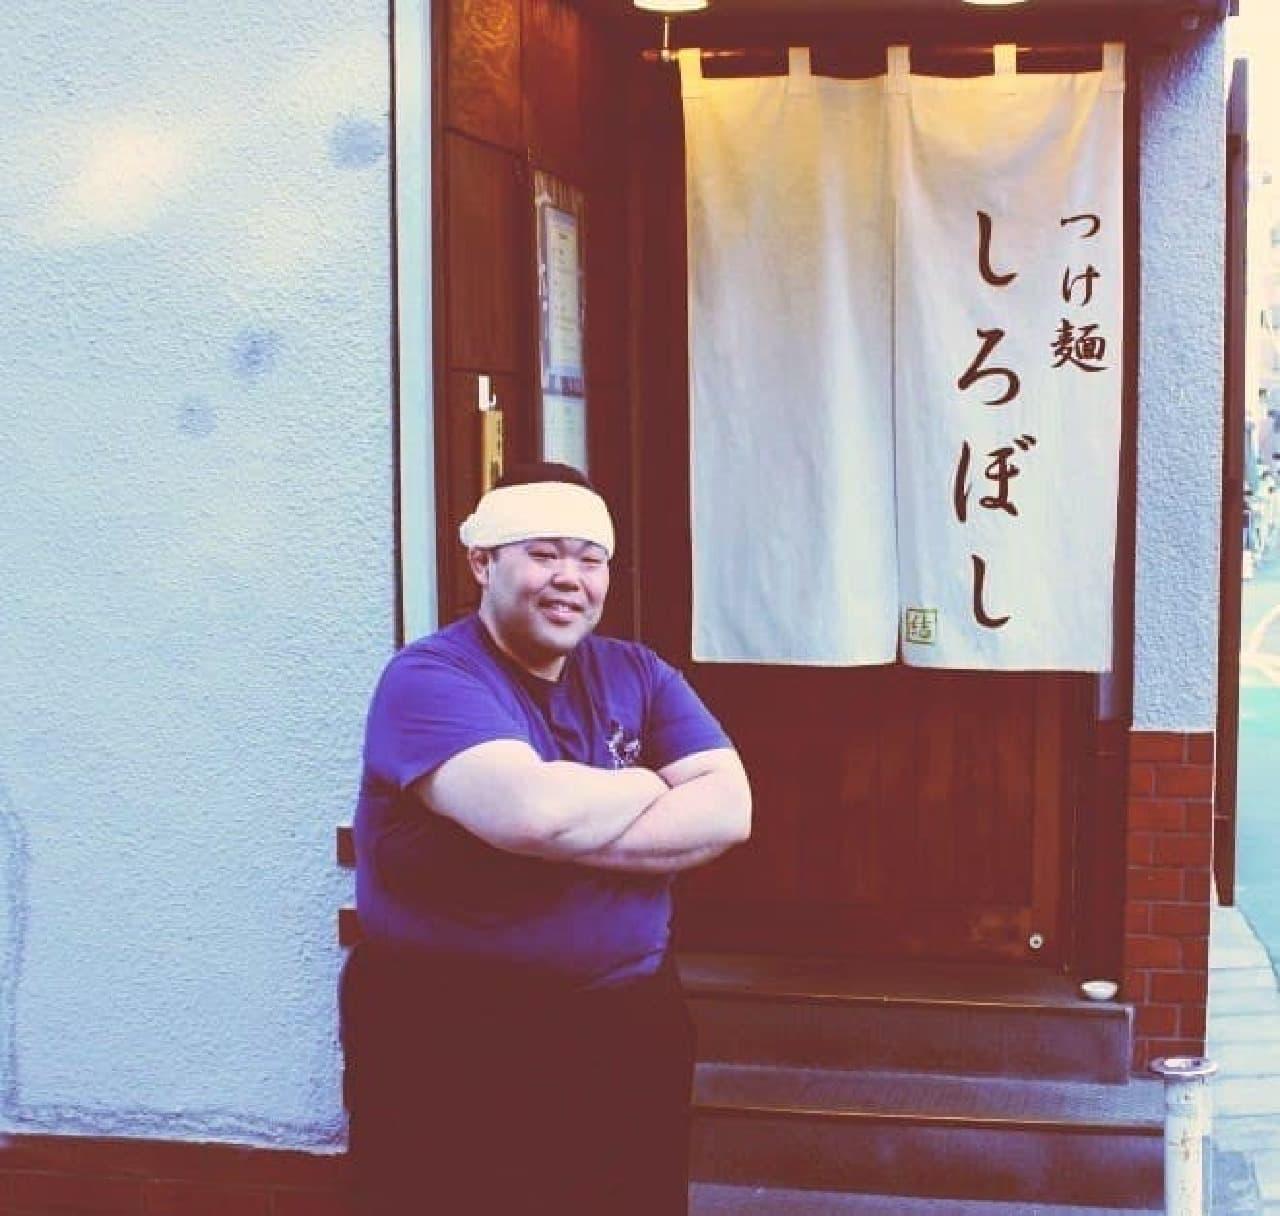 優しい笑顔の店主、木村さん